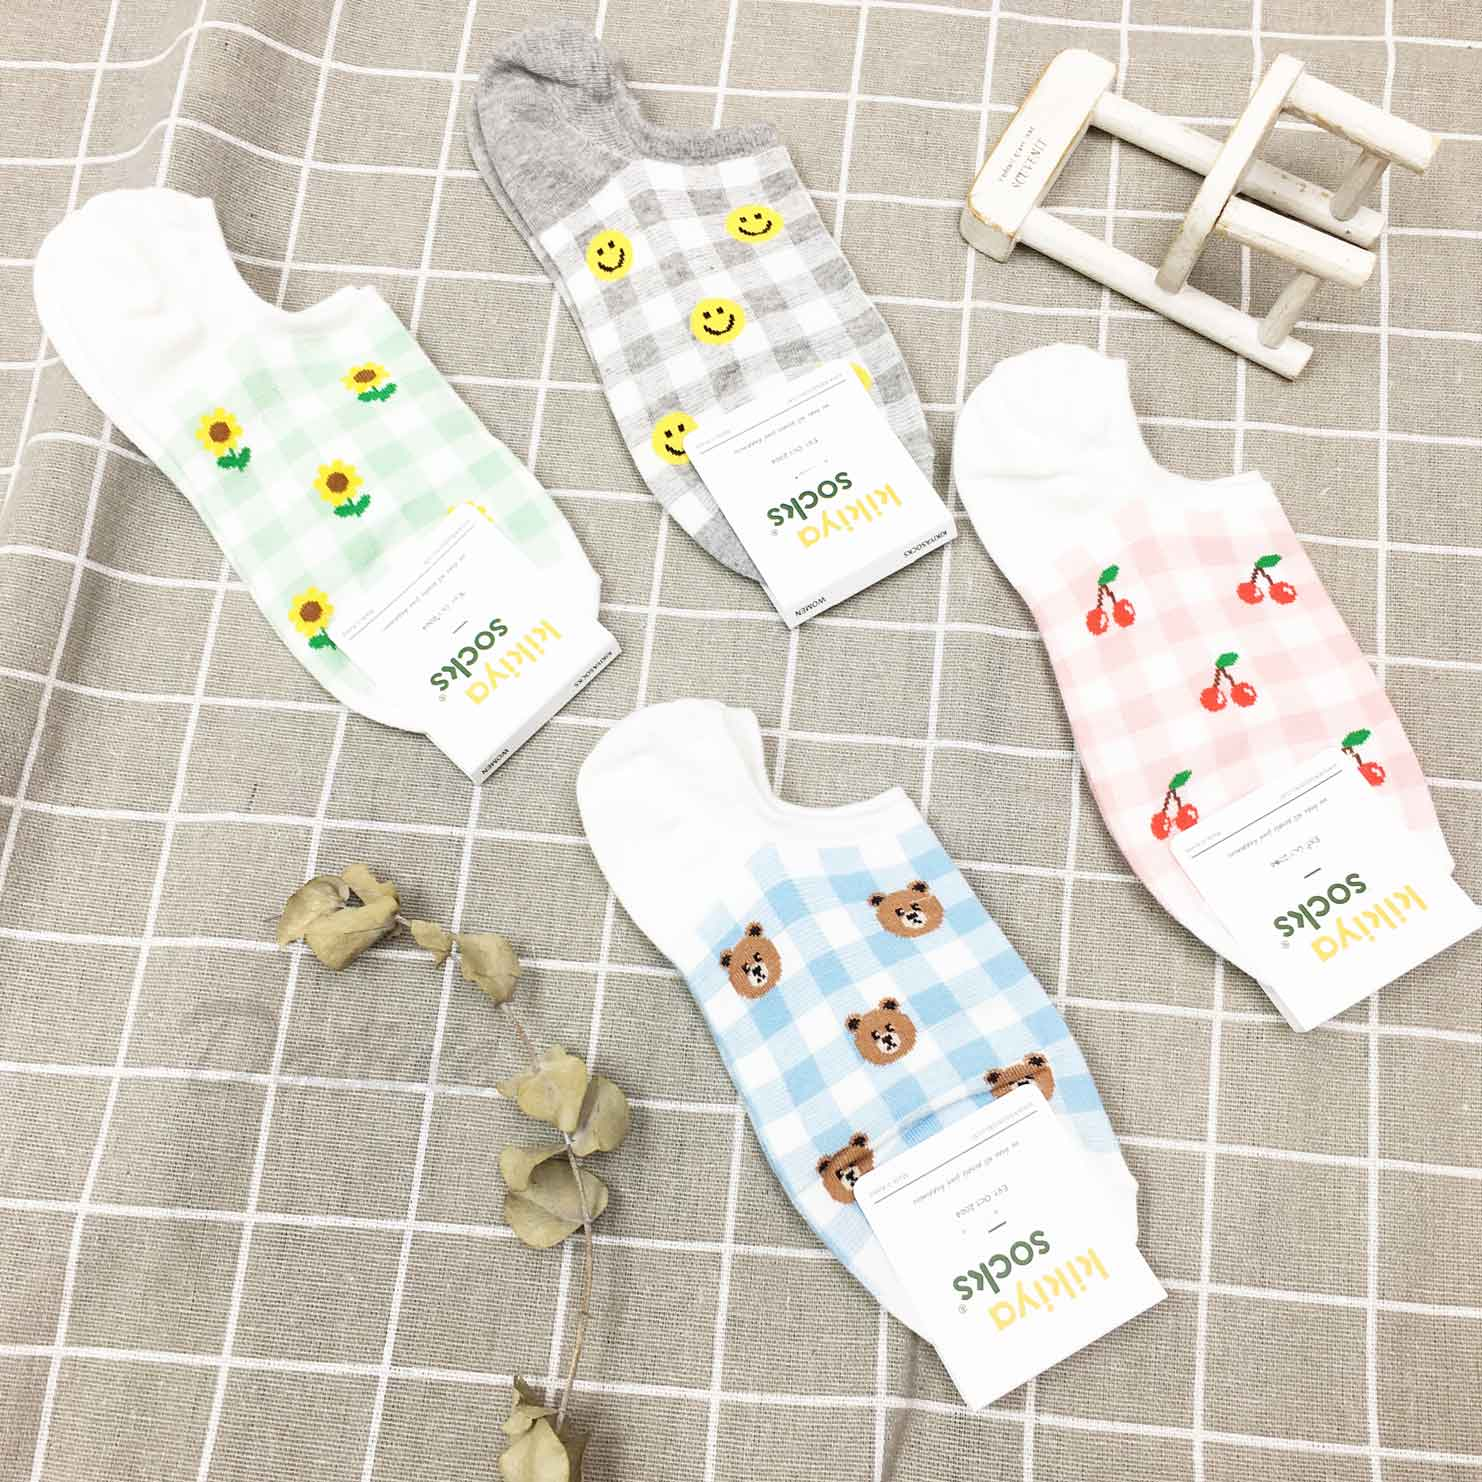 韓國襪 格紋 花 熊 櫻桃 笑臉 防滑襪子 船襪